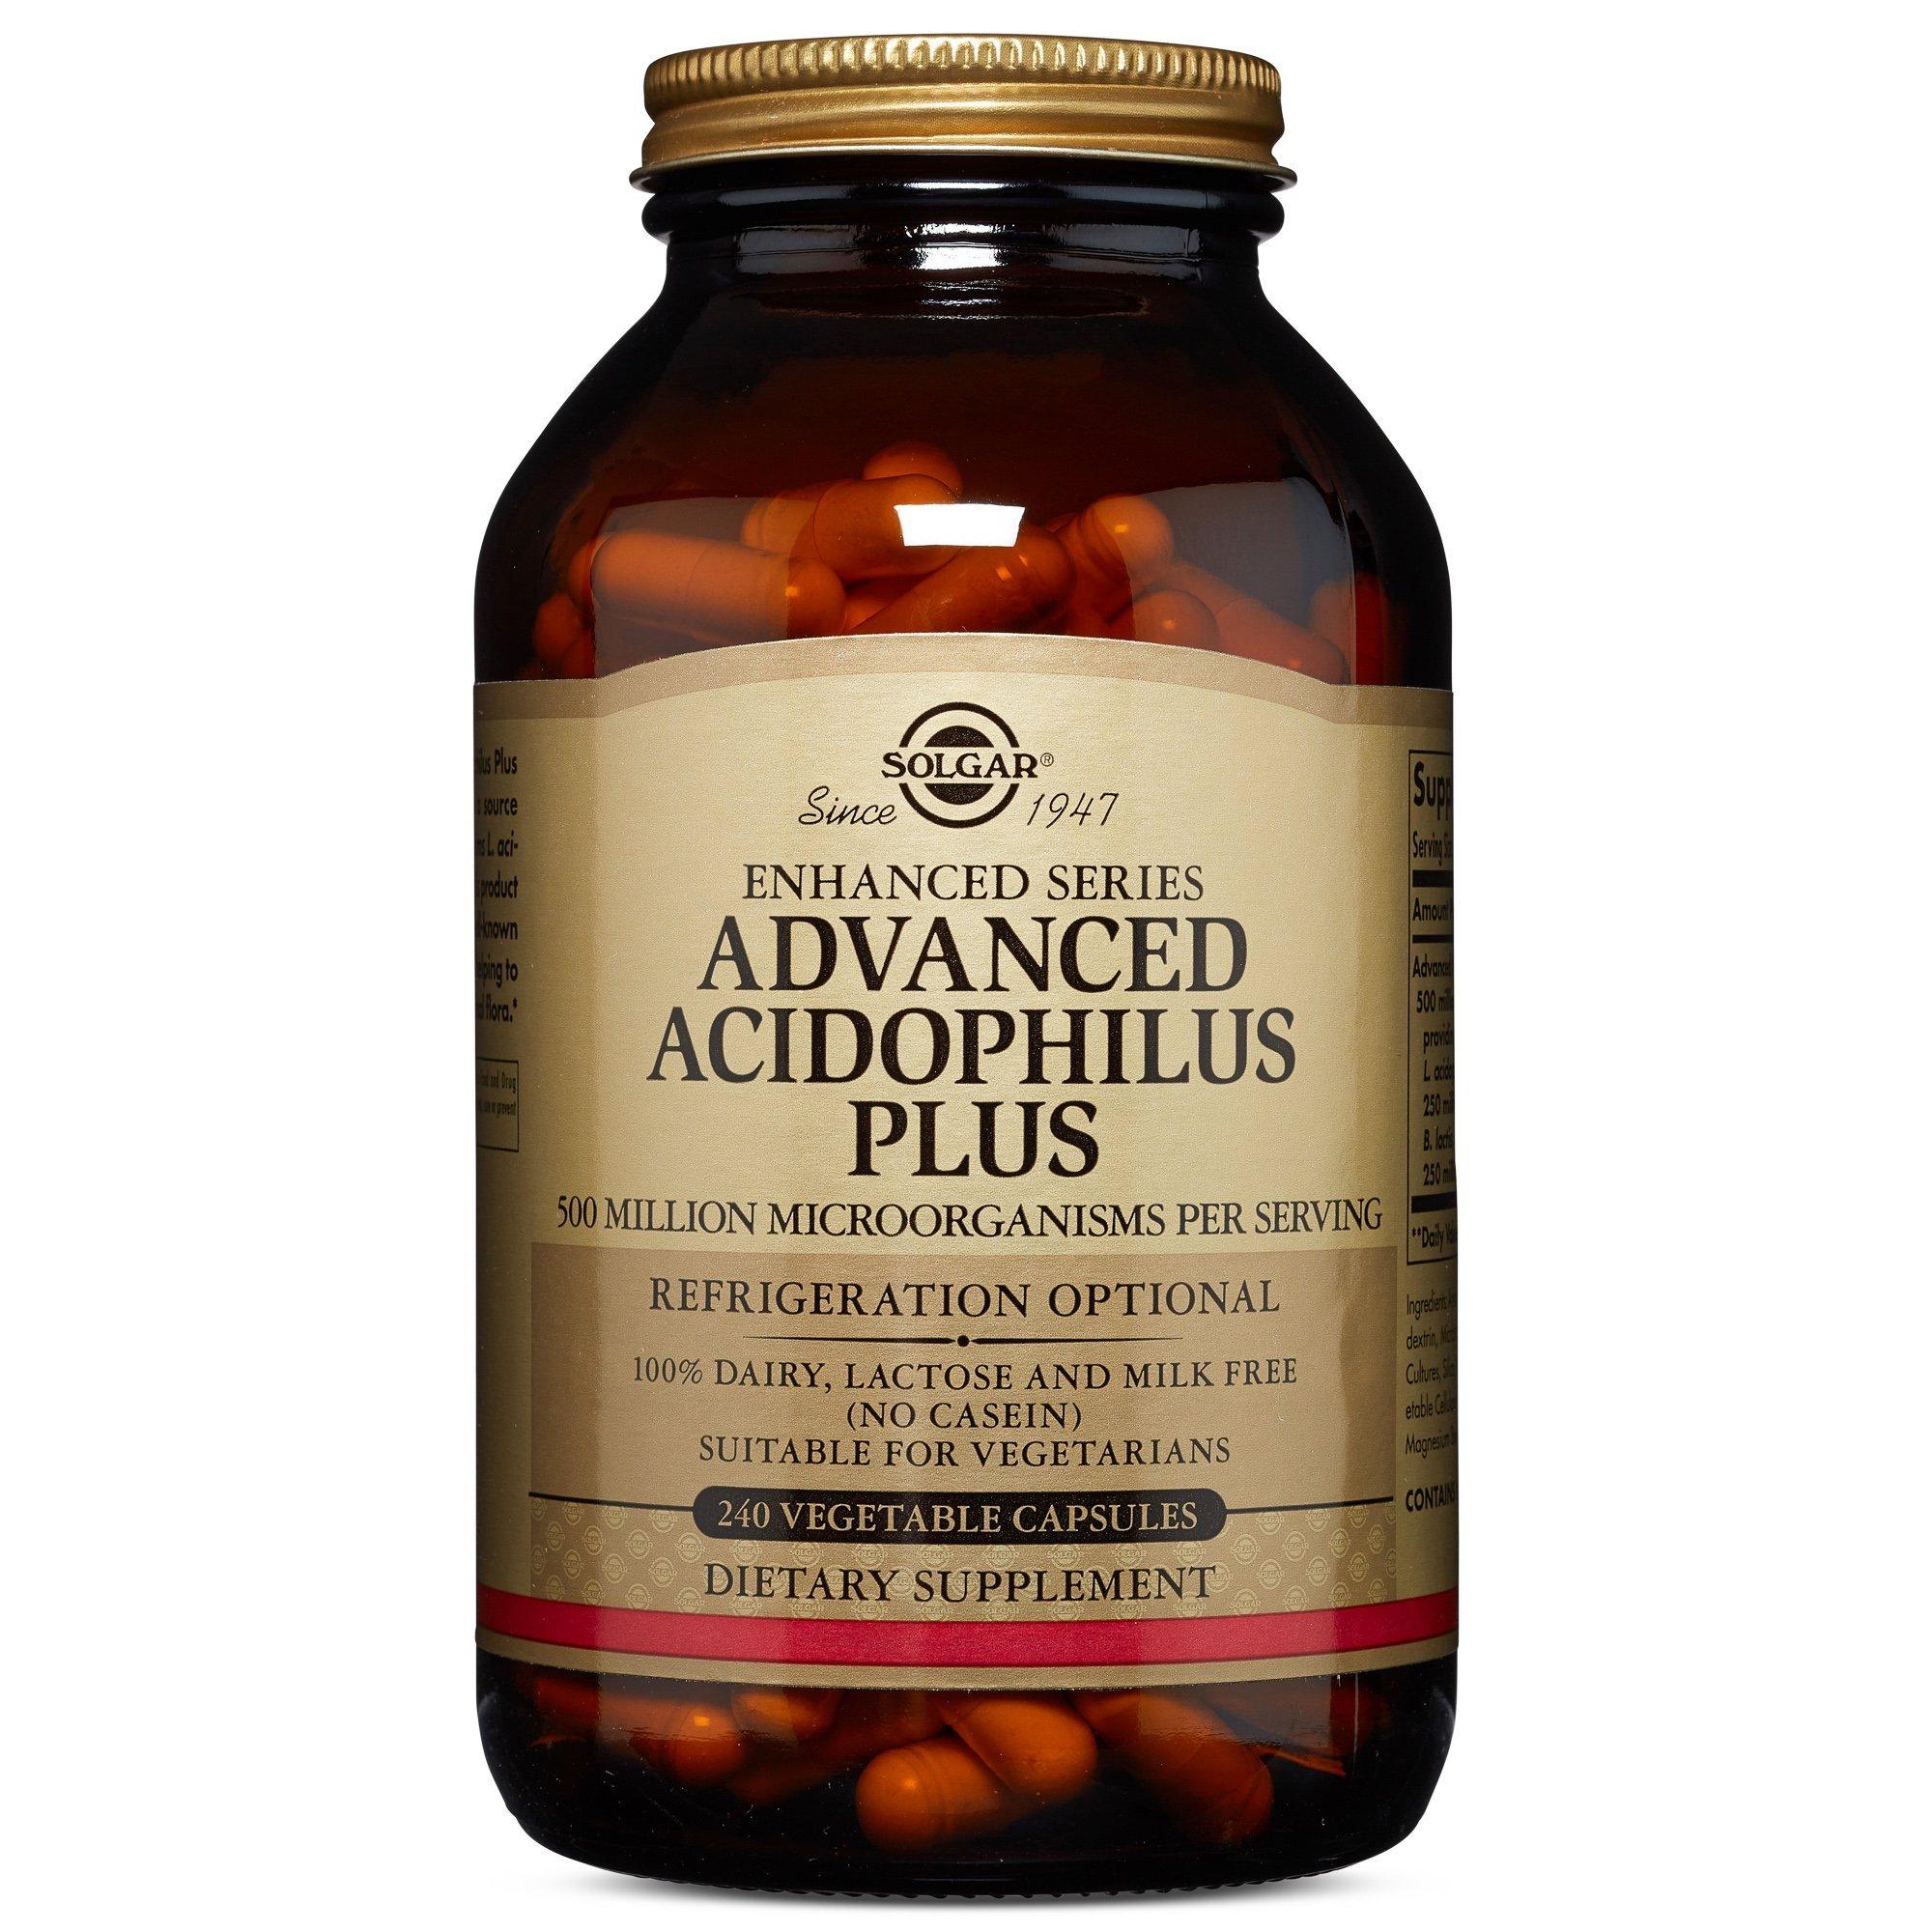 Solgar – Advanced Acidophilus Plus, 240 Vegetable Capsules